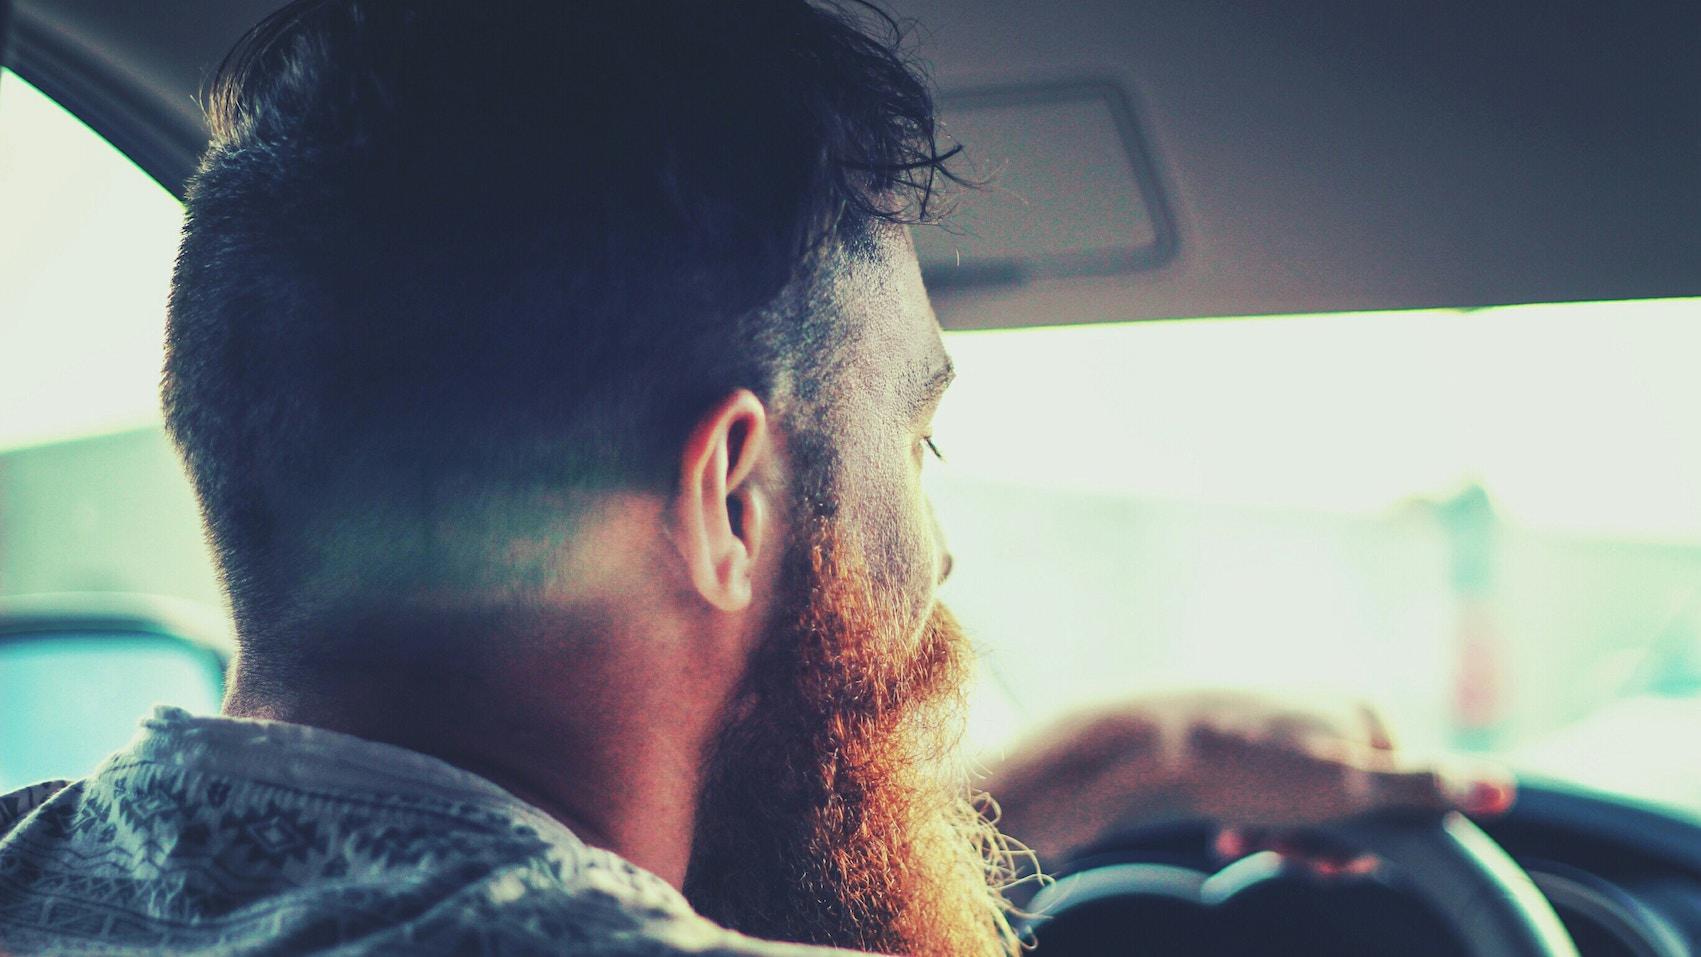 eemaldage rasva umber habemeala umber